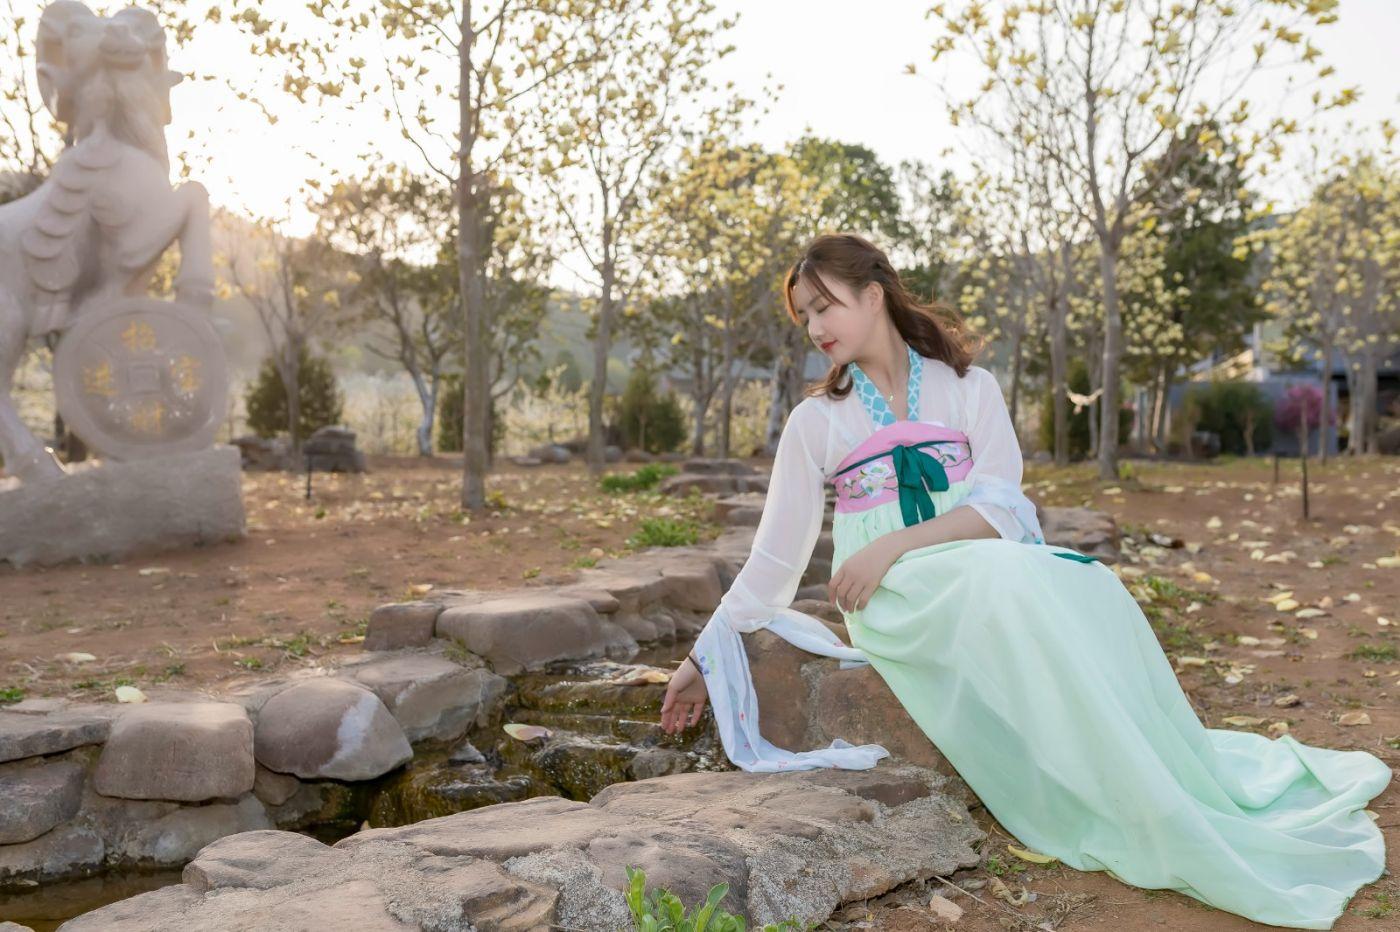 柿子妮又来了女孩越来越漂亮了穿上汉服的她在马泉花海中_图1-22